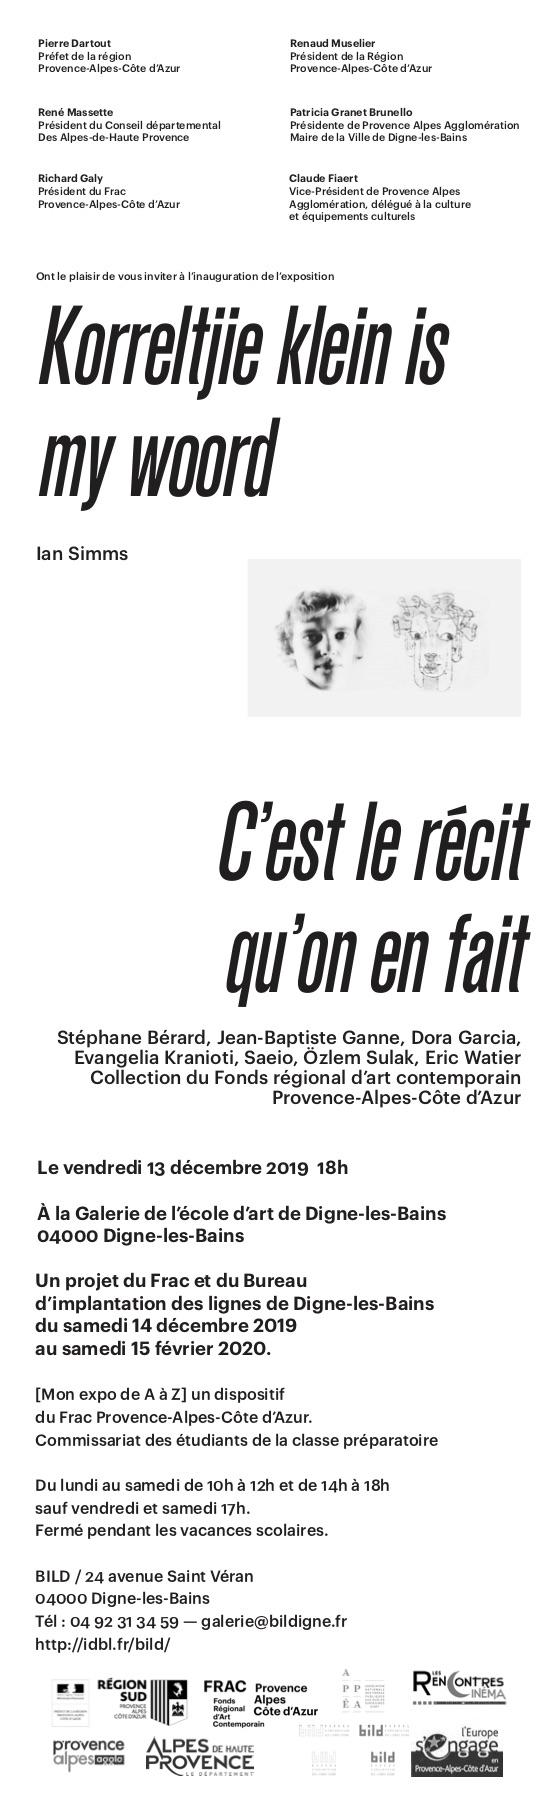 Exposition : Korreltjie klein is my woord, œuvres de l'artiste Ian Simms. Exposition : C'est le récit qu'on en fait,  œuvres du Fonds régional d'art contemporain Provence-Alpes-Côte d'Azur